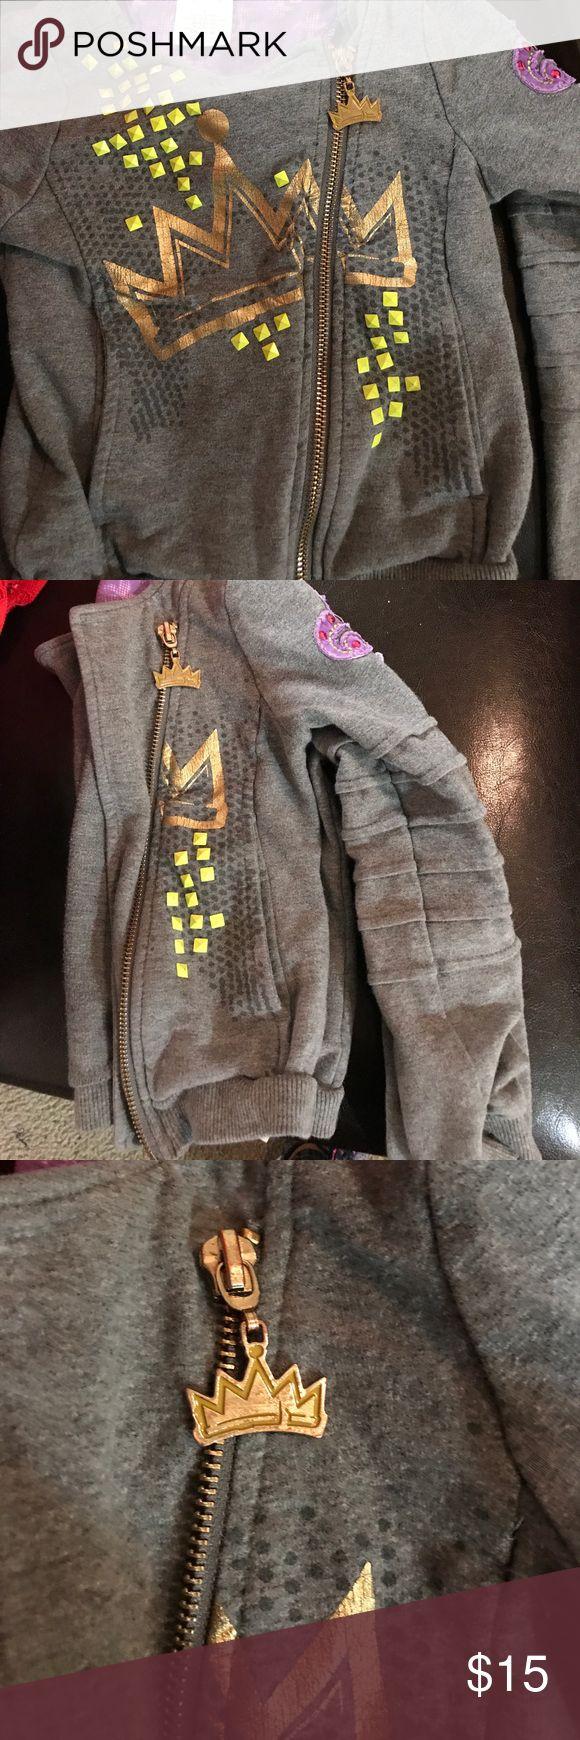 The descendants hoodie size 4 Official Disney hoodie from the hit movie The descendants Disney Shirts & Tops Sweatshirts & Hoodies